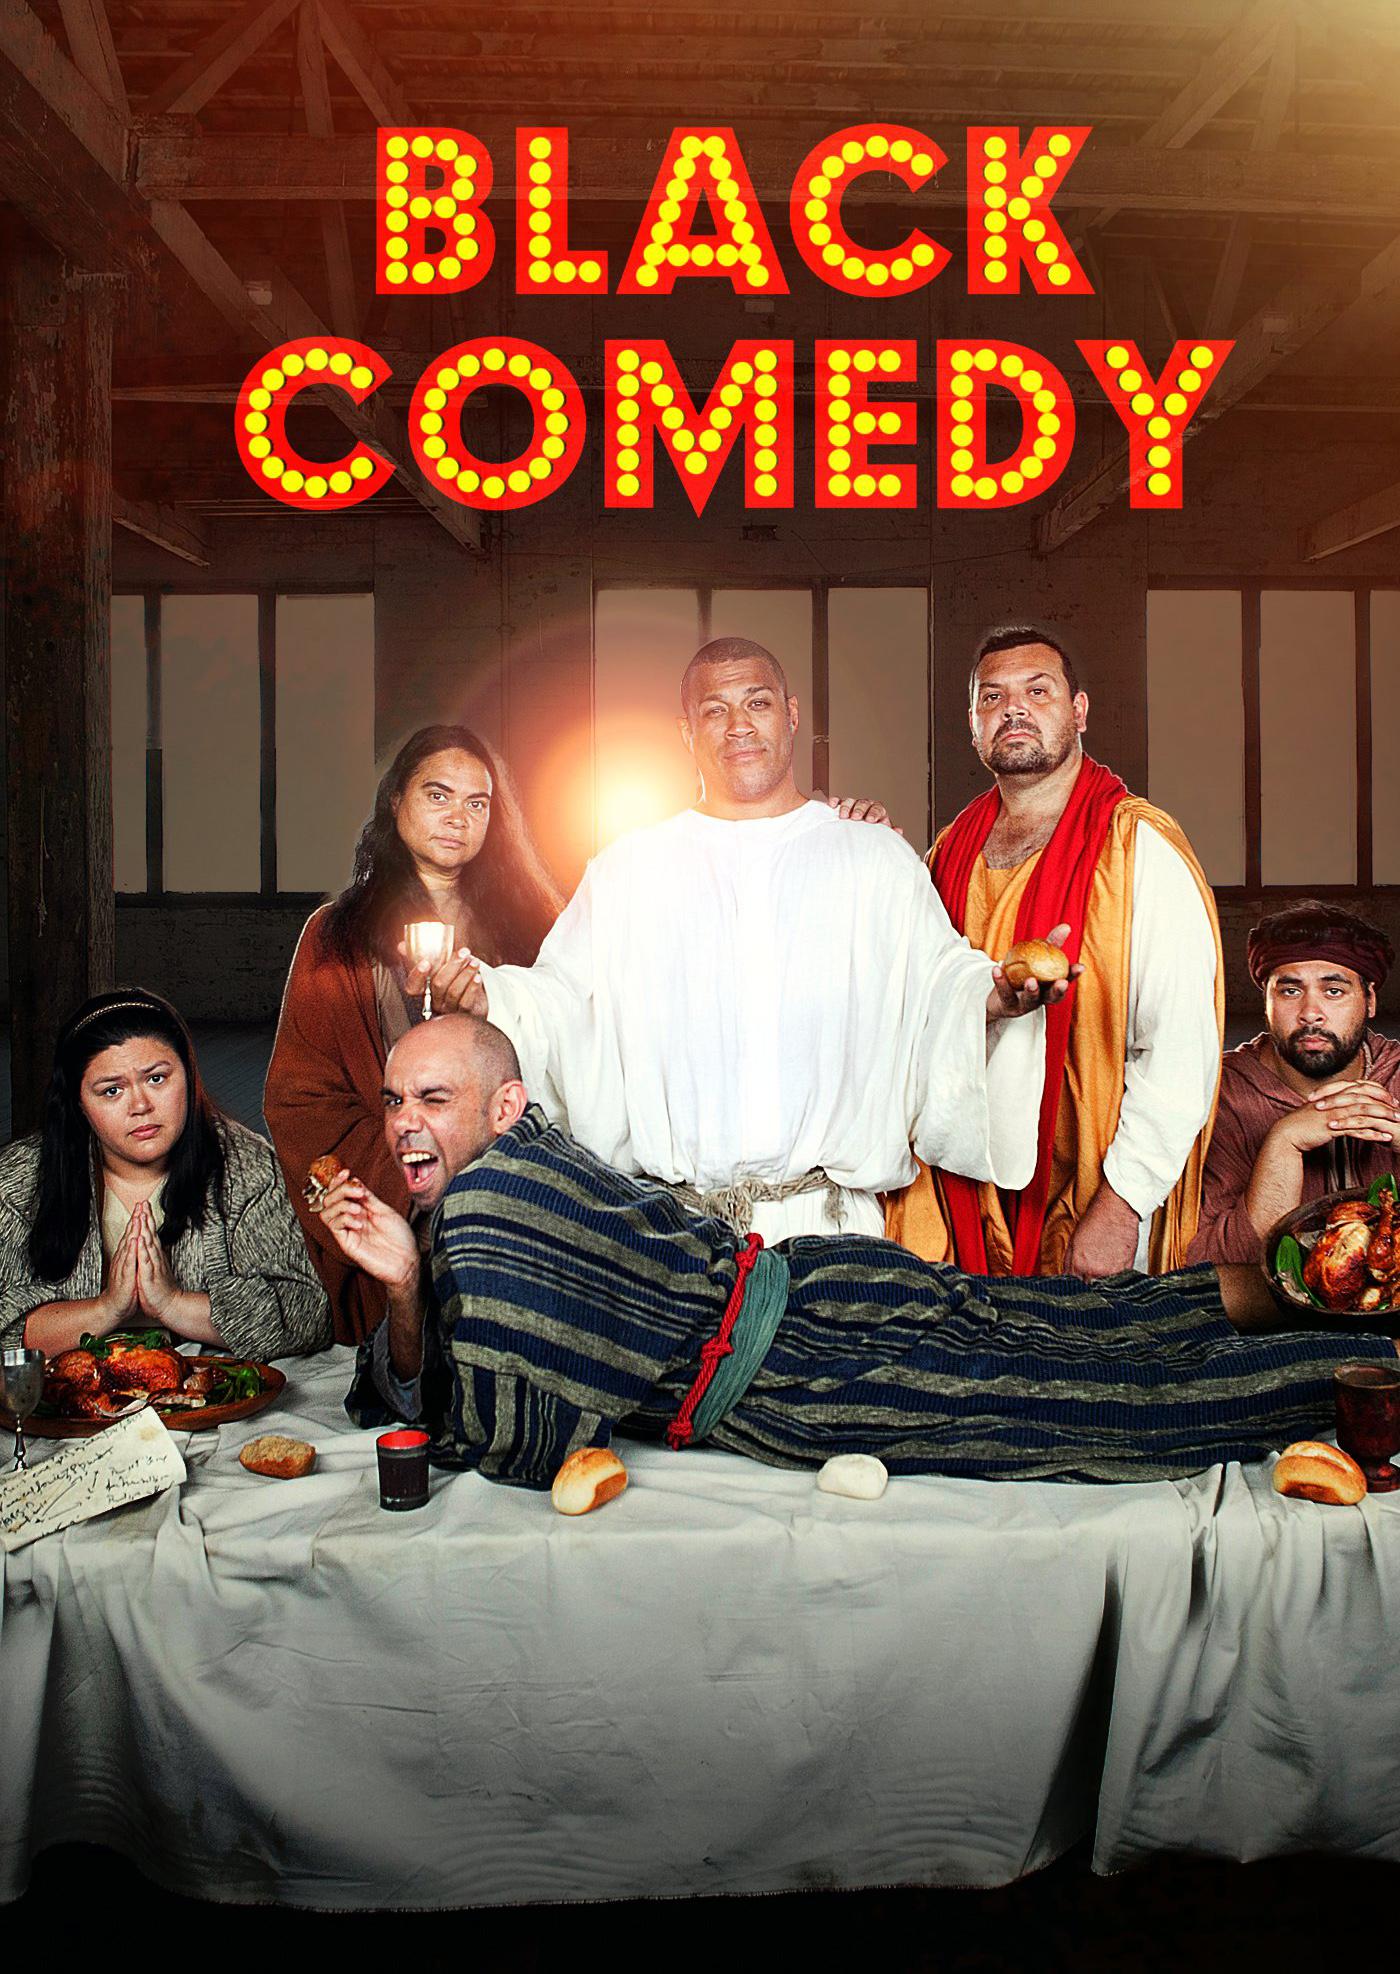 Aaron Fa'aoso, Jon Bell, Elizabeth Wymarra, Bjorn Stewart, Nakkiah Lui, and Steven Oliver in Black Comedy (2014)